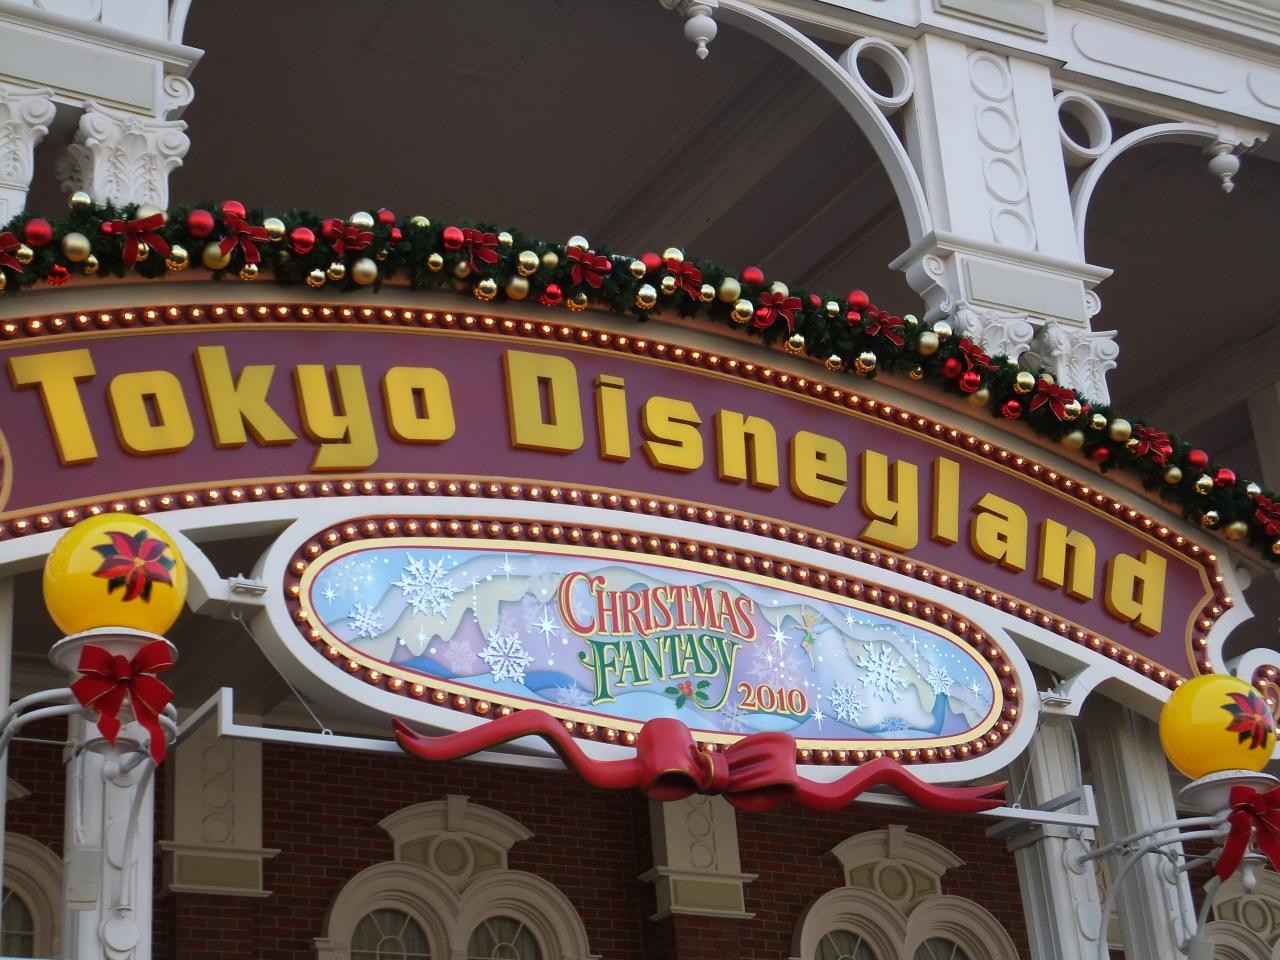 クリスマス2010&結婚5周年ディズニーランド』東京ディズニーリゾート